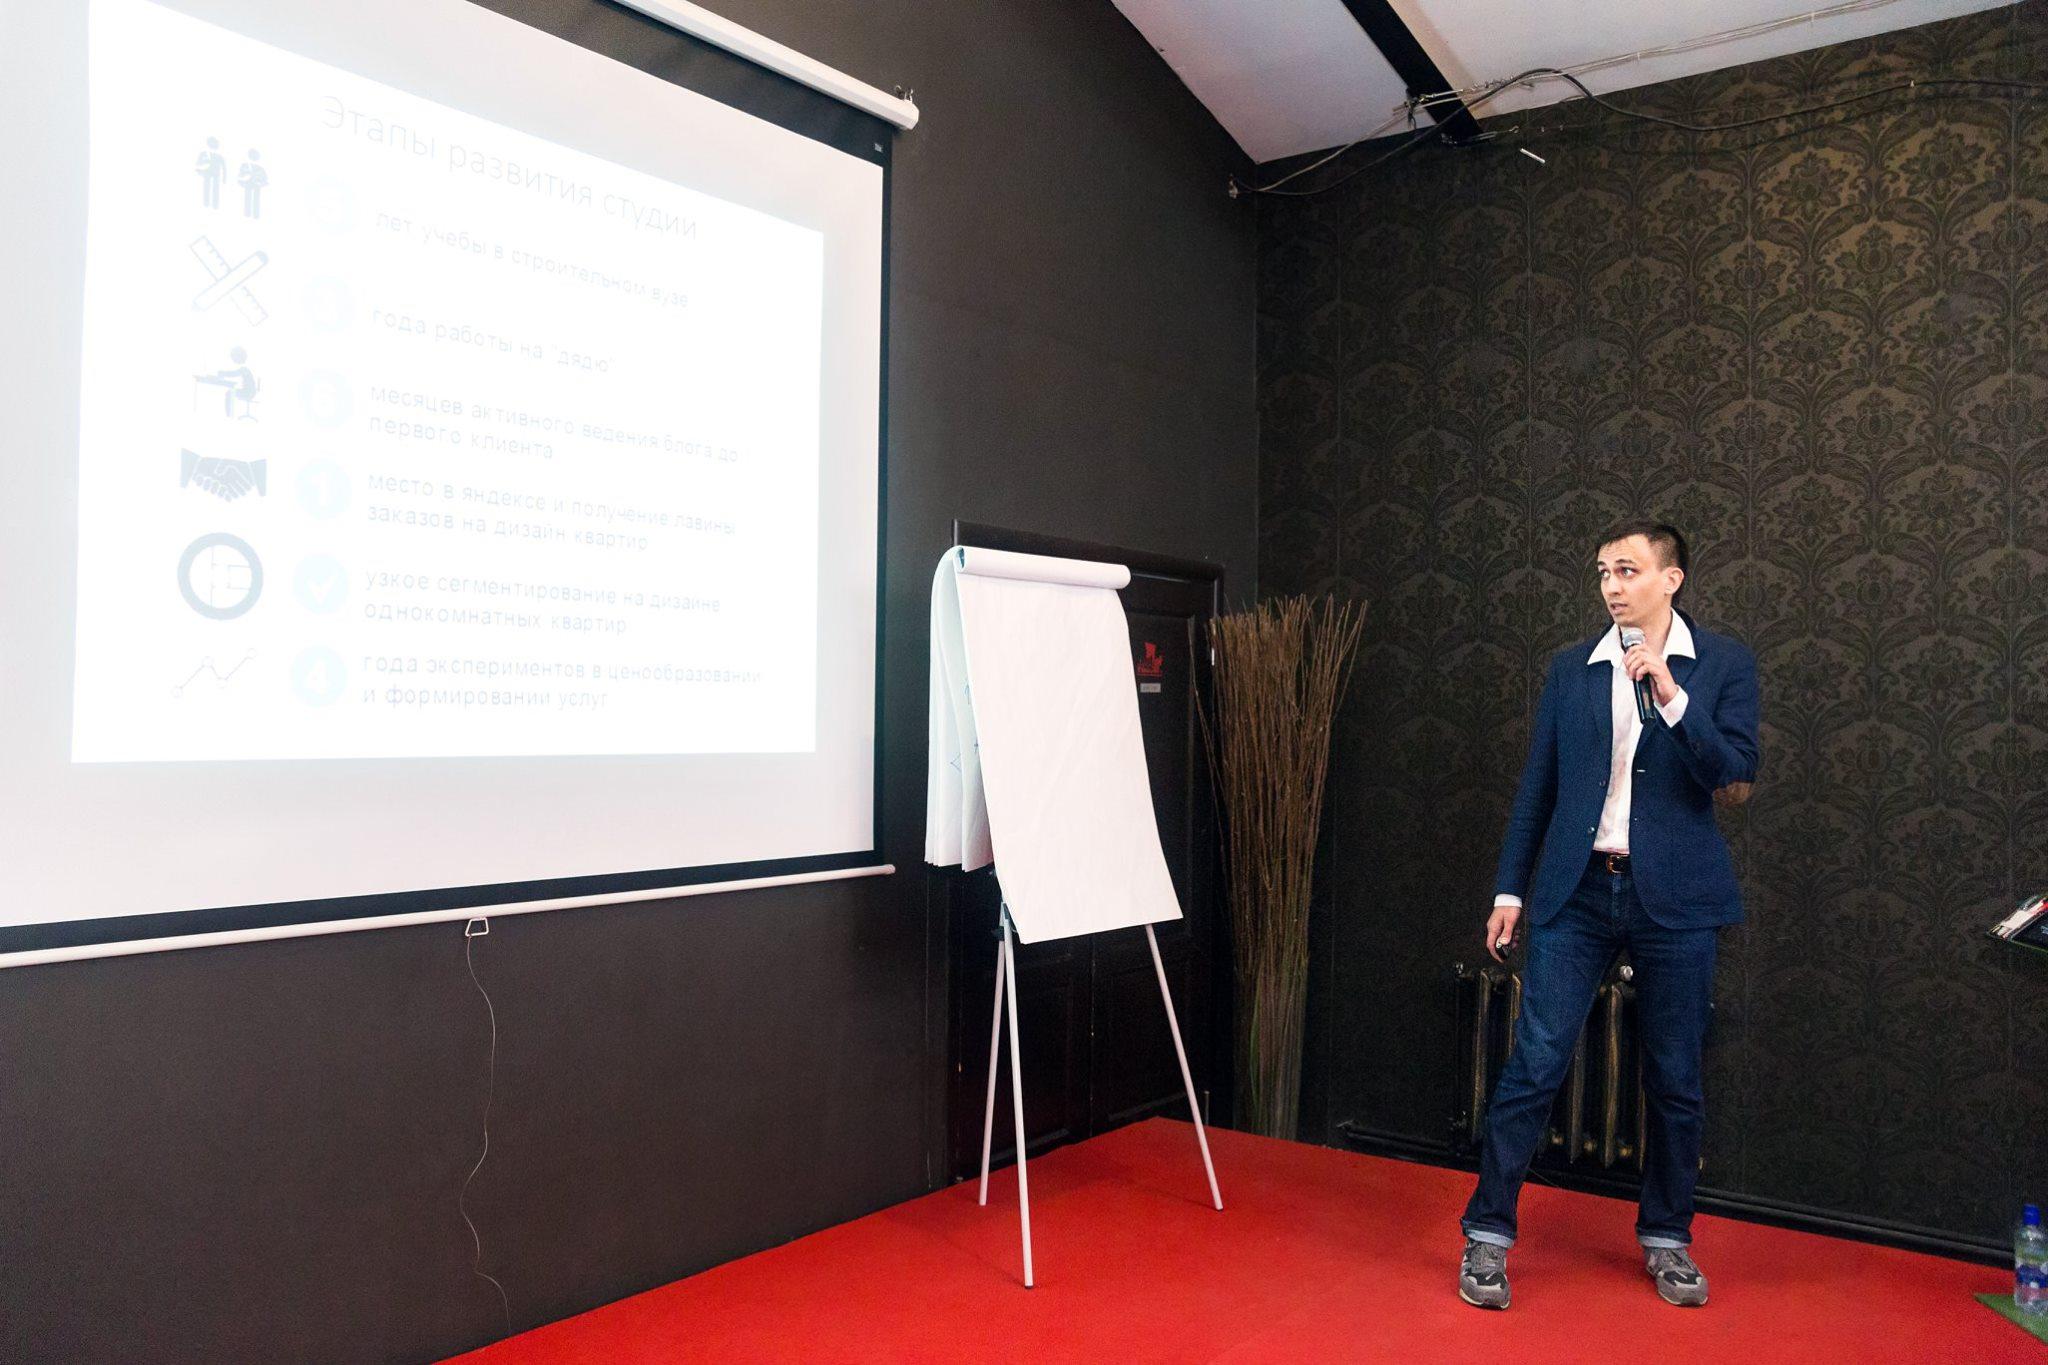 Еще слайды Дизайн Конференции